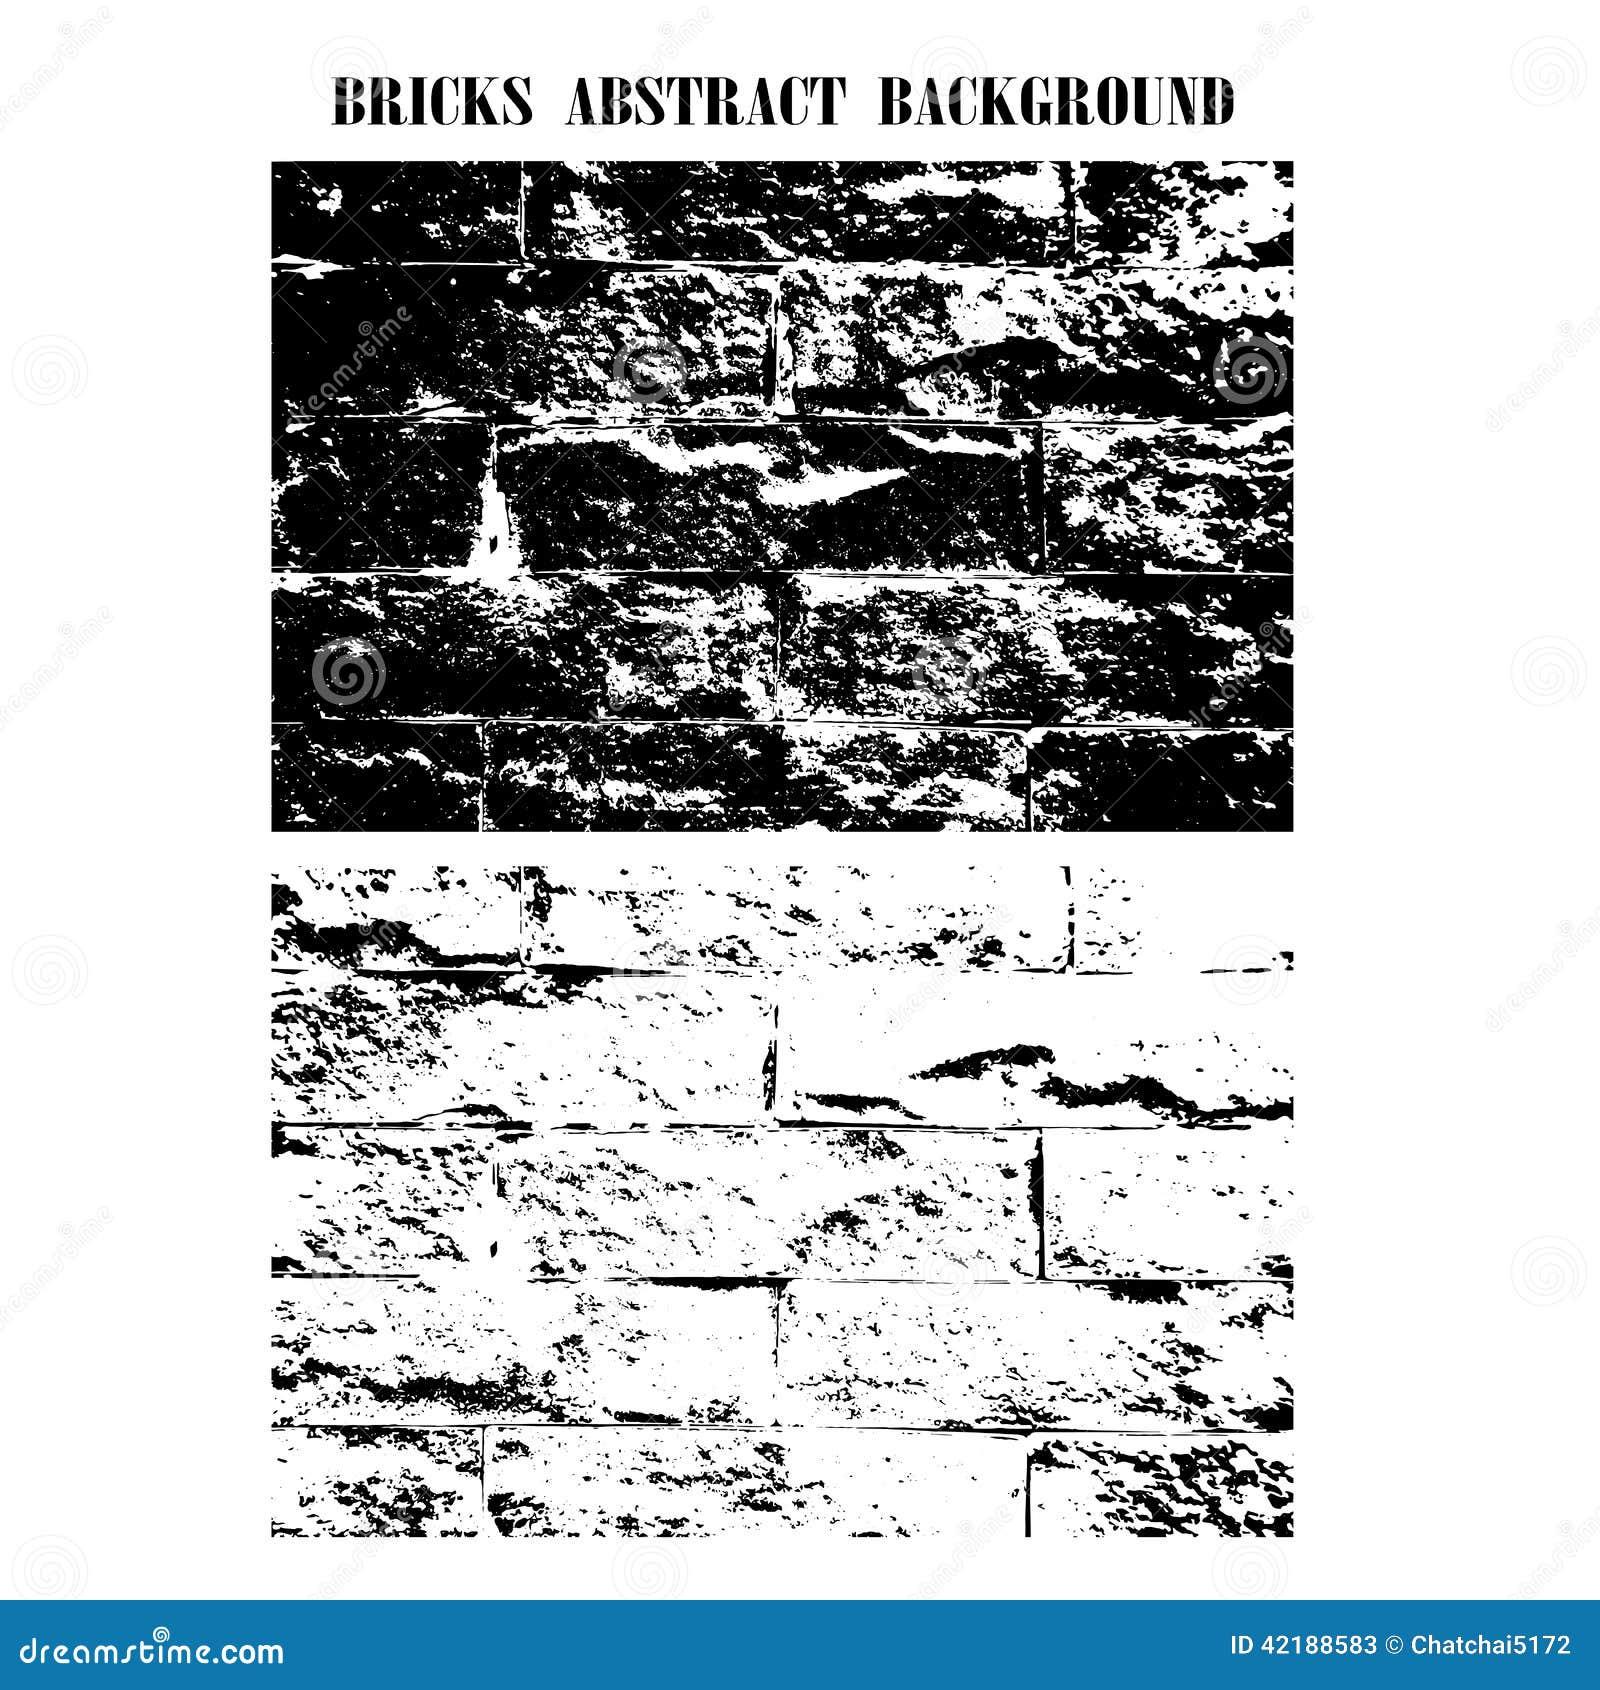 Bricks texture background, grunge texture